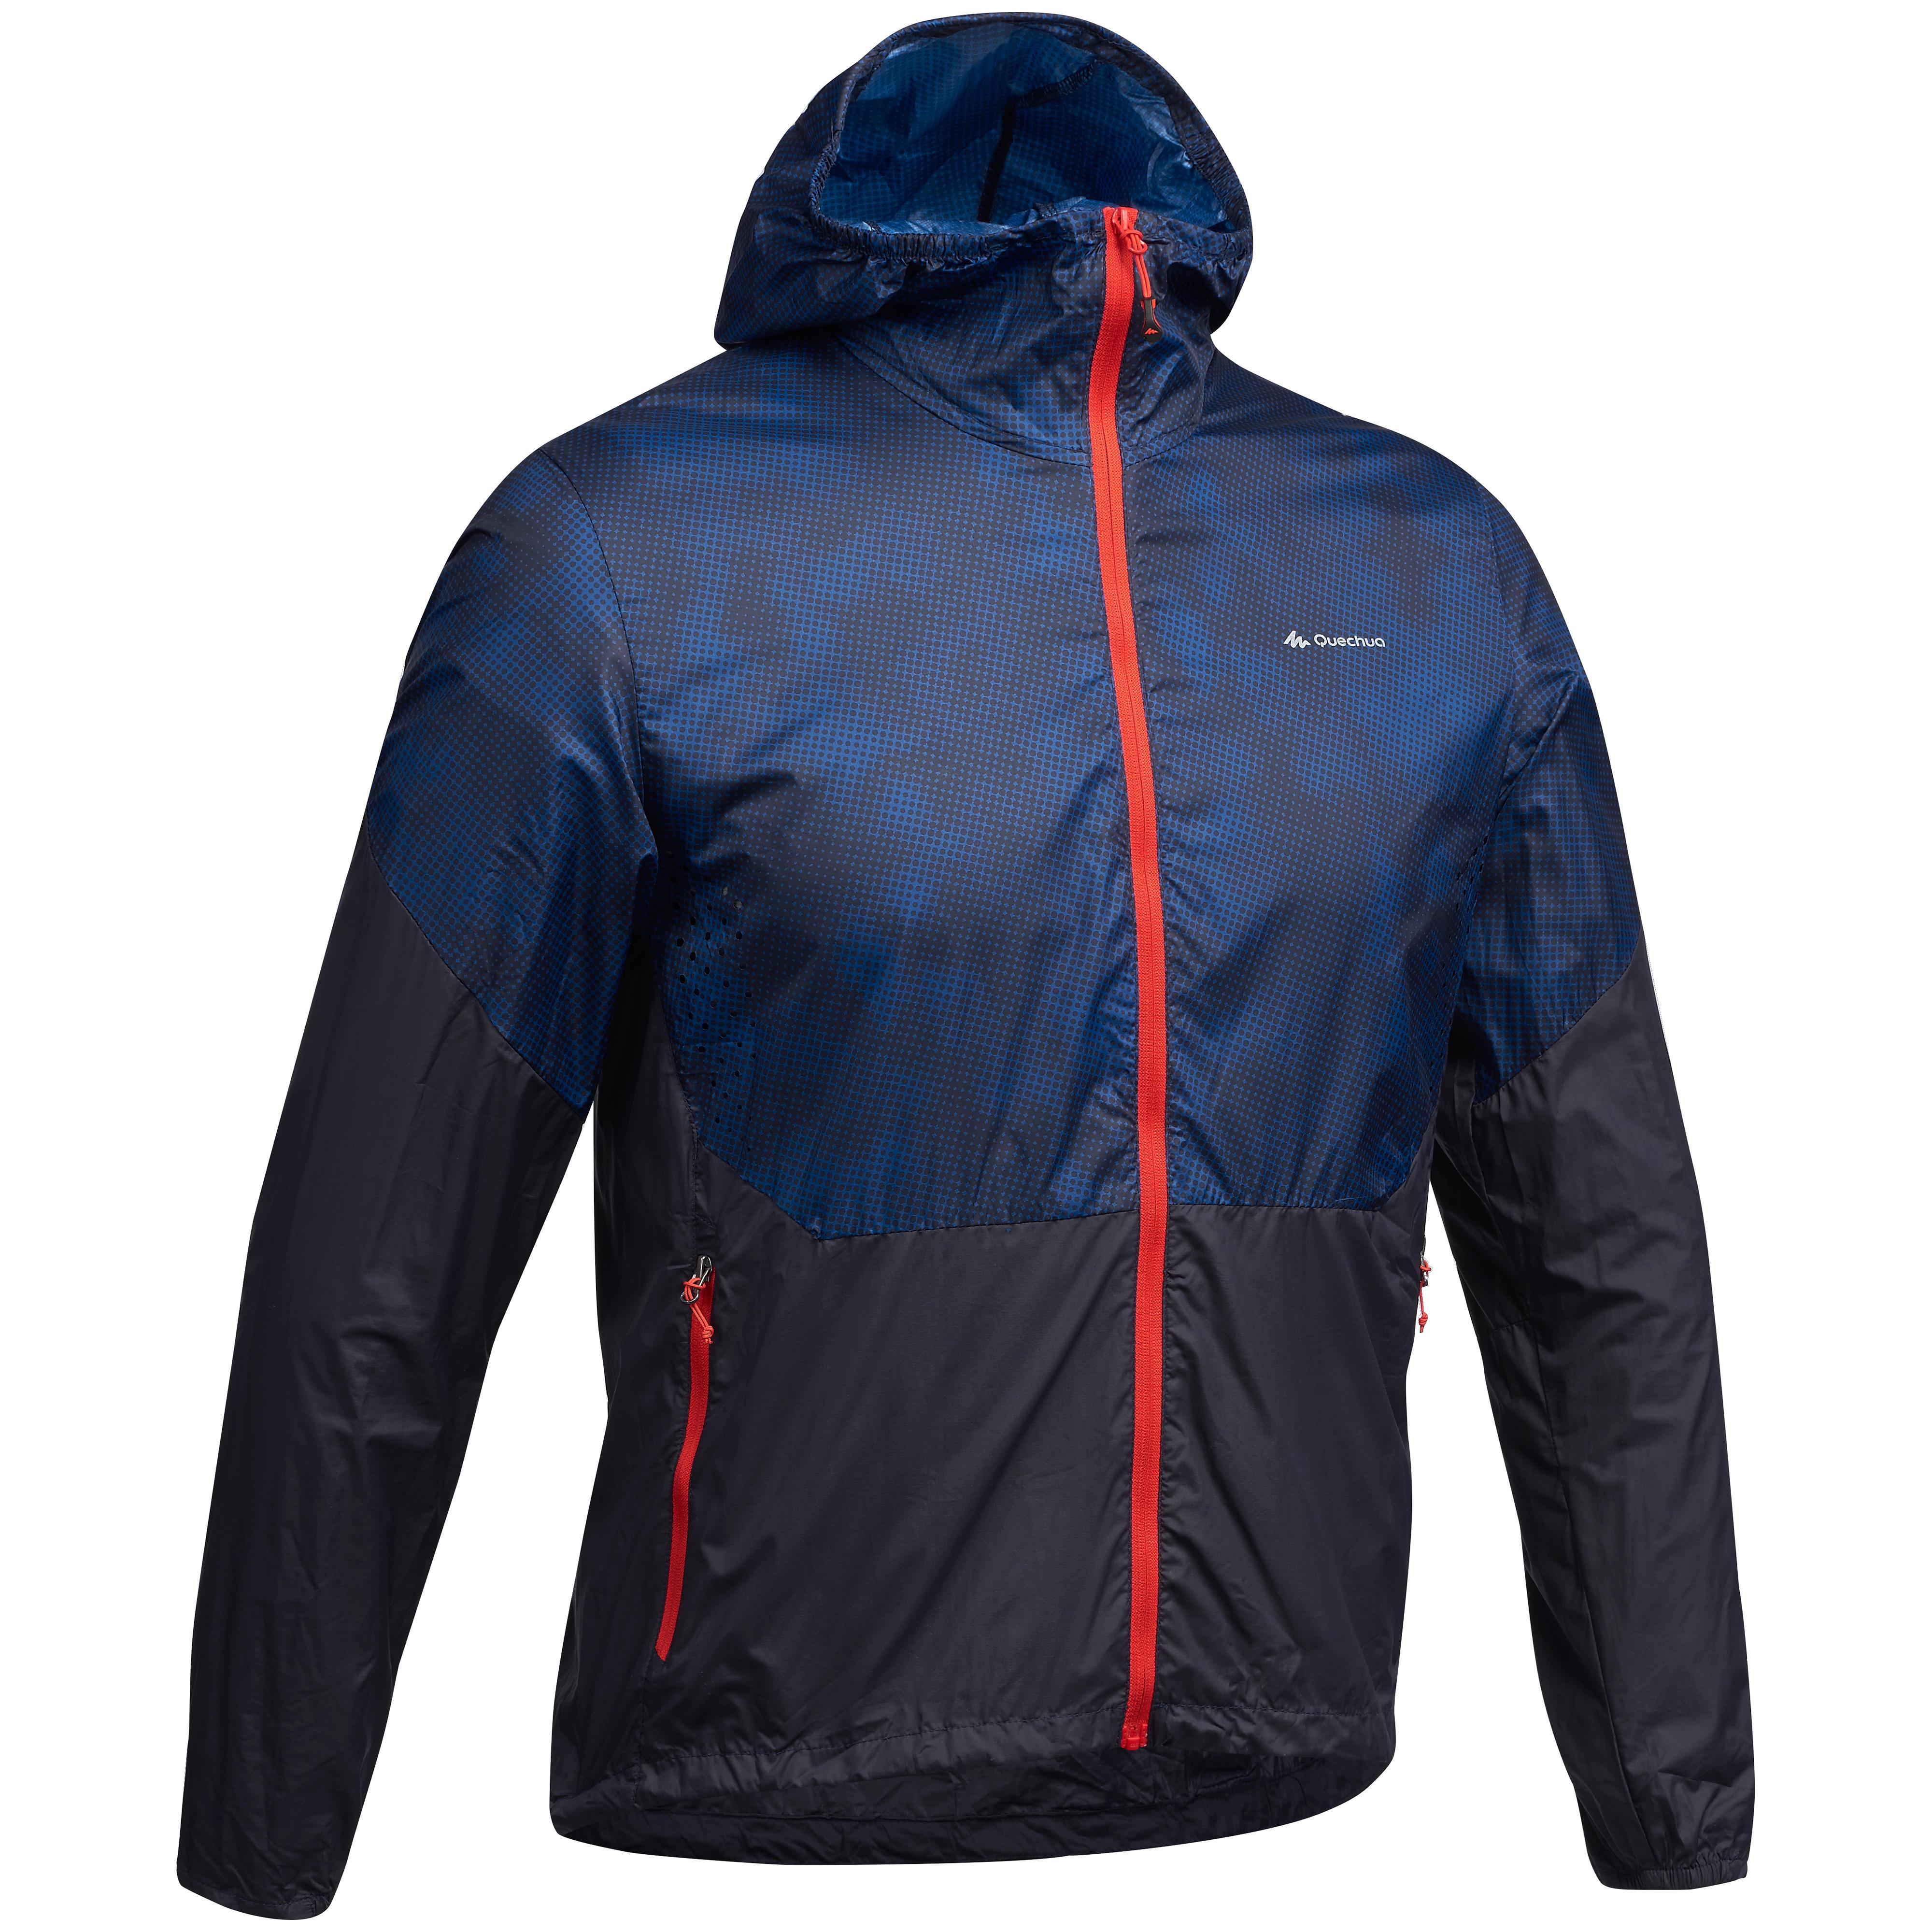 Quechua Heren windjack voor fast hiking FH500 Helium blauw/rood